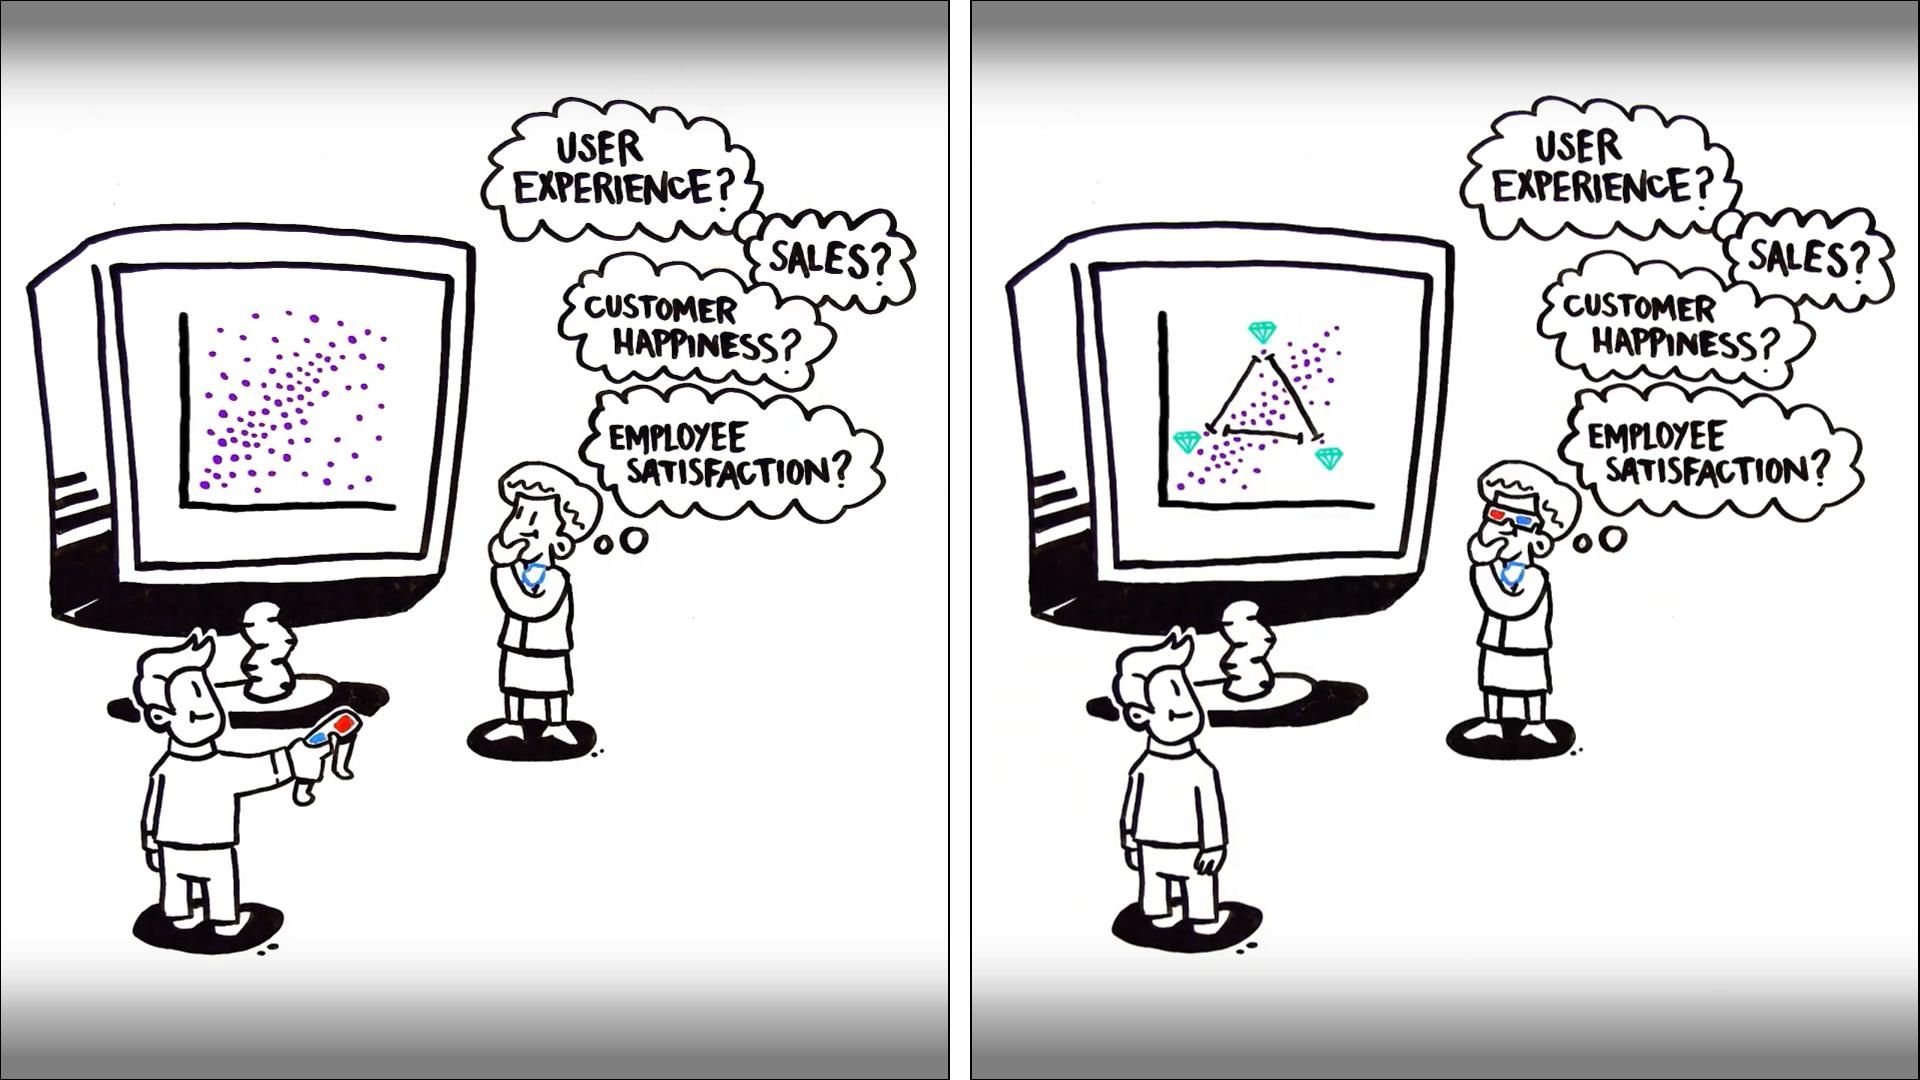 Analytiikka auttaa löytämään datamassasta tavoitteiden kannalta tärkeät vaikutussuhteet